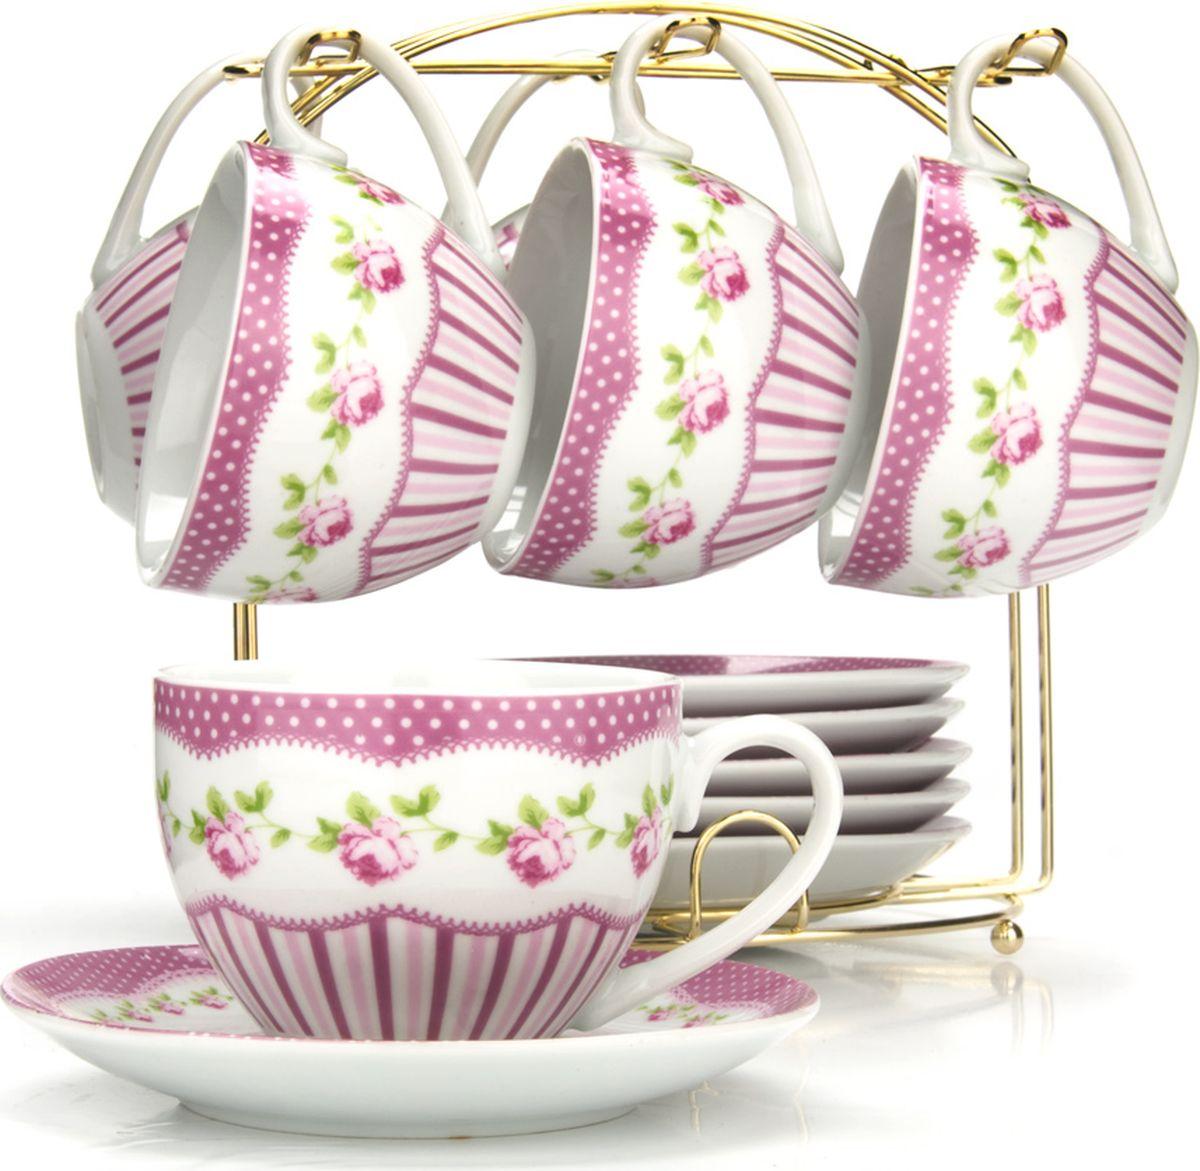 Сервиз чайный Loraine, на подставке, 13 предметов. 4329825950